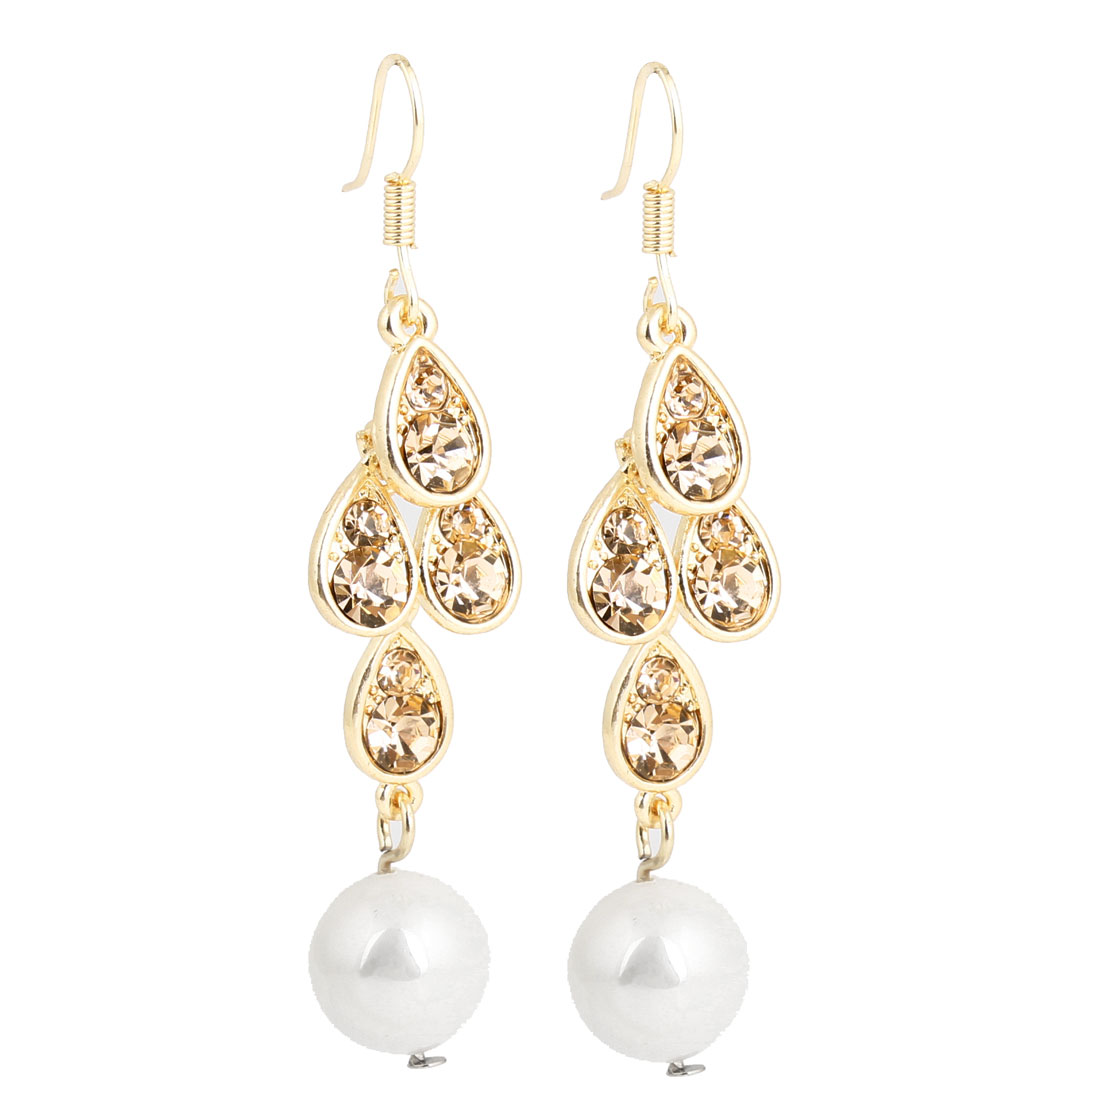 Plastic White Round Bead Decor Pendant Fish Hook Earrings for Women